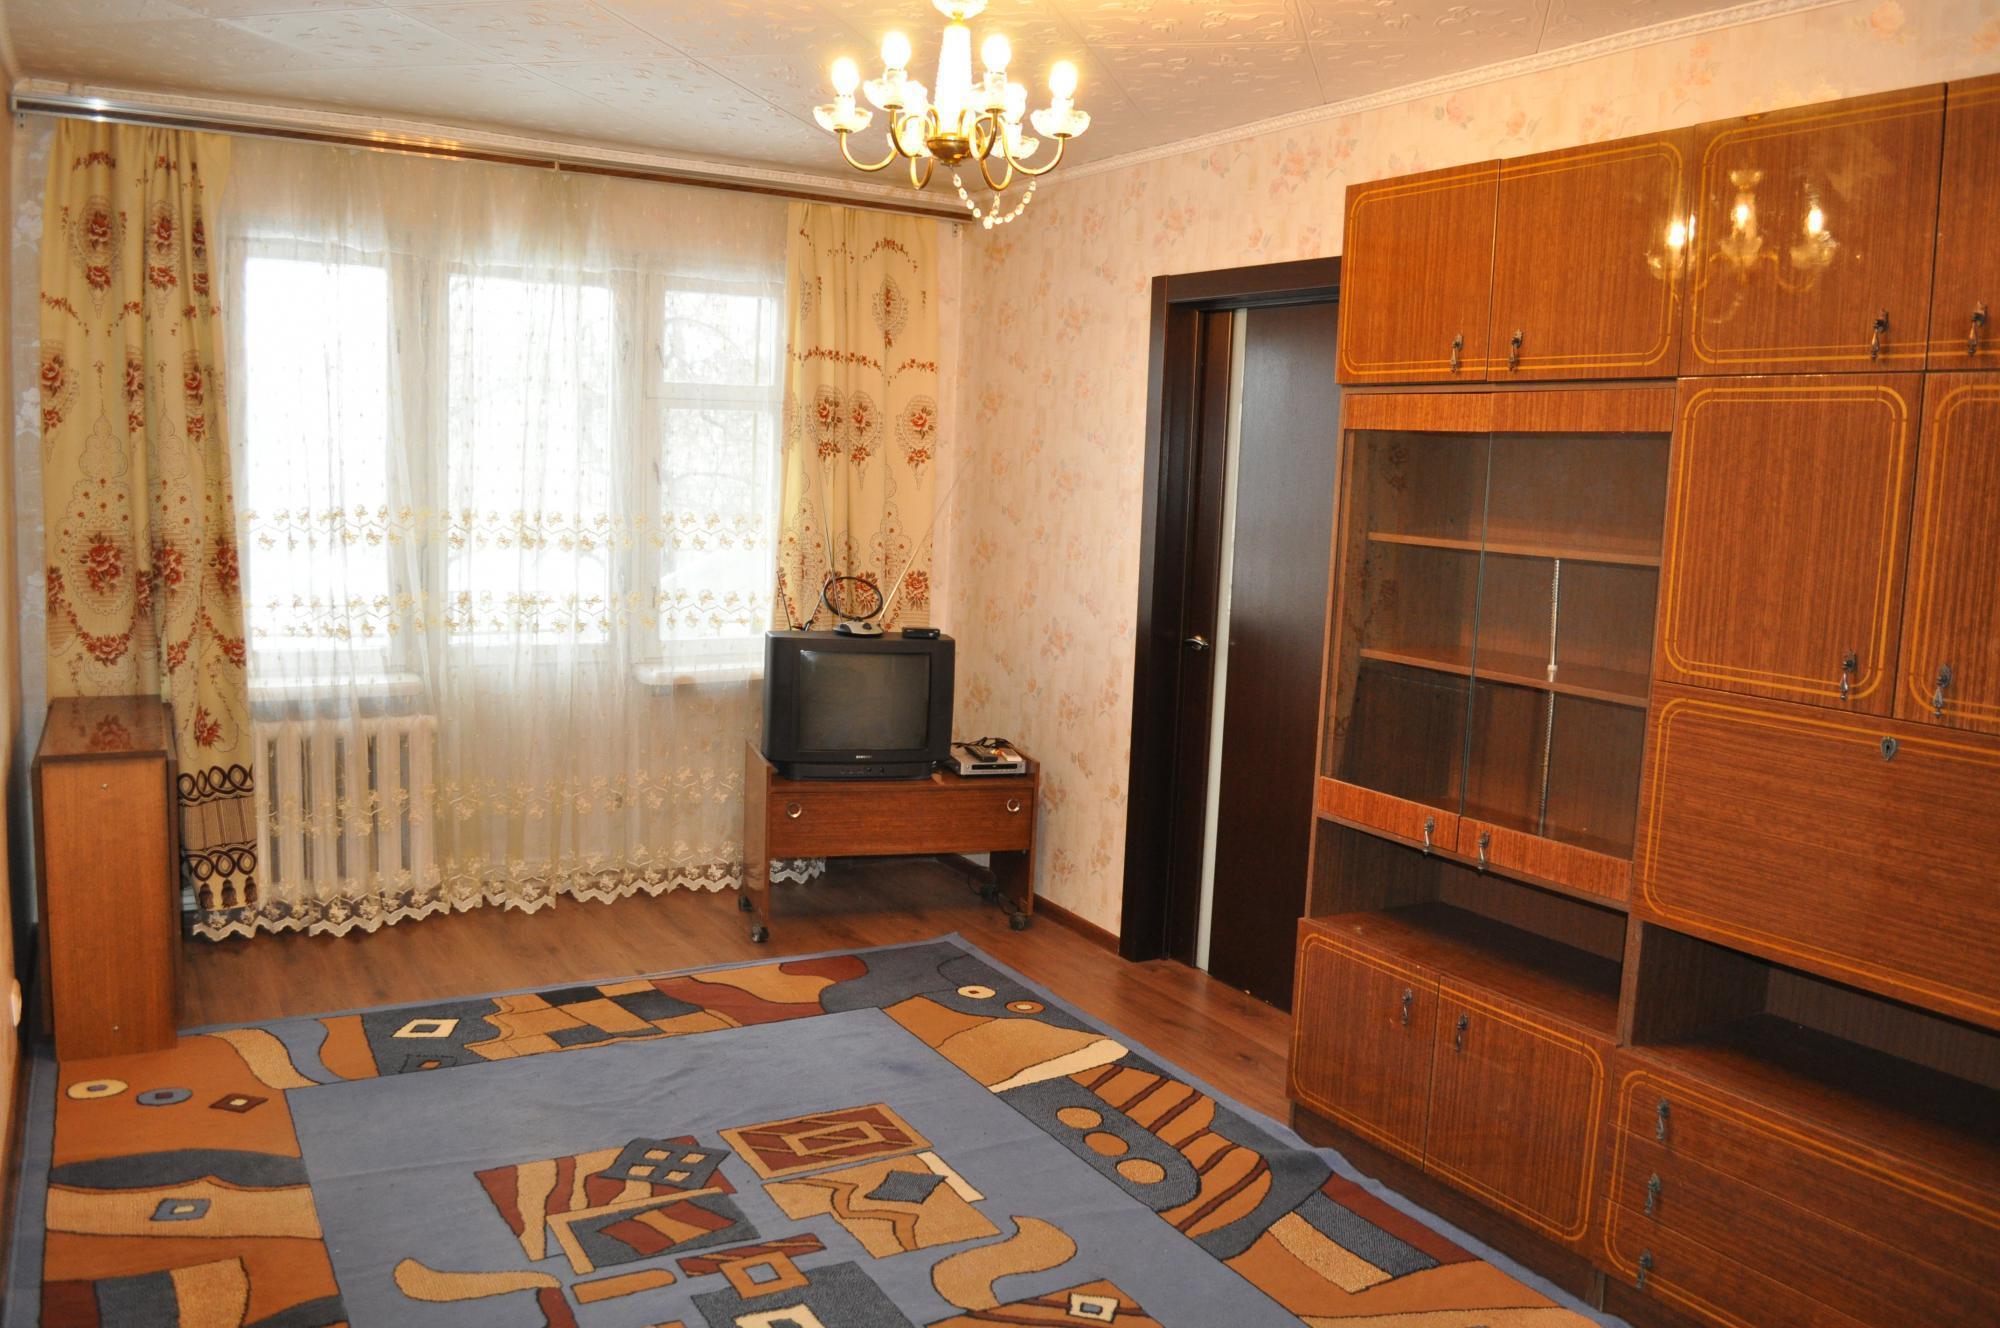 автомобильной квартиры в лосино петровском банные печи Хабаровске